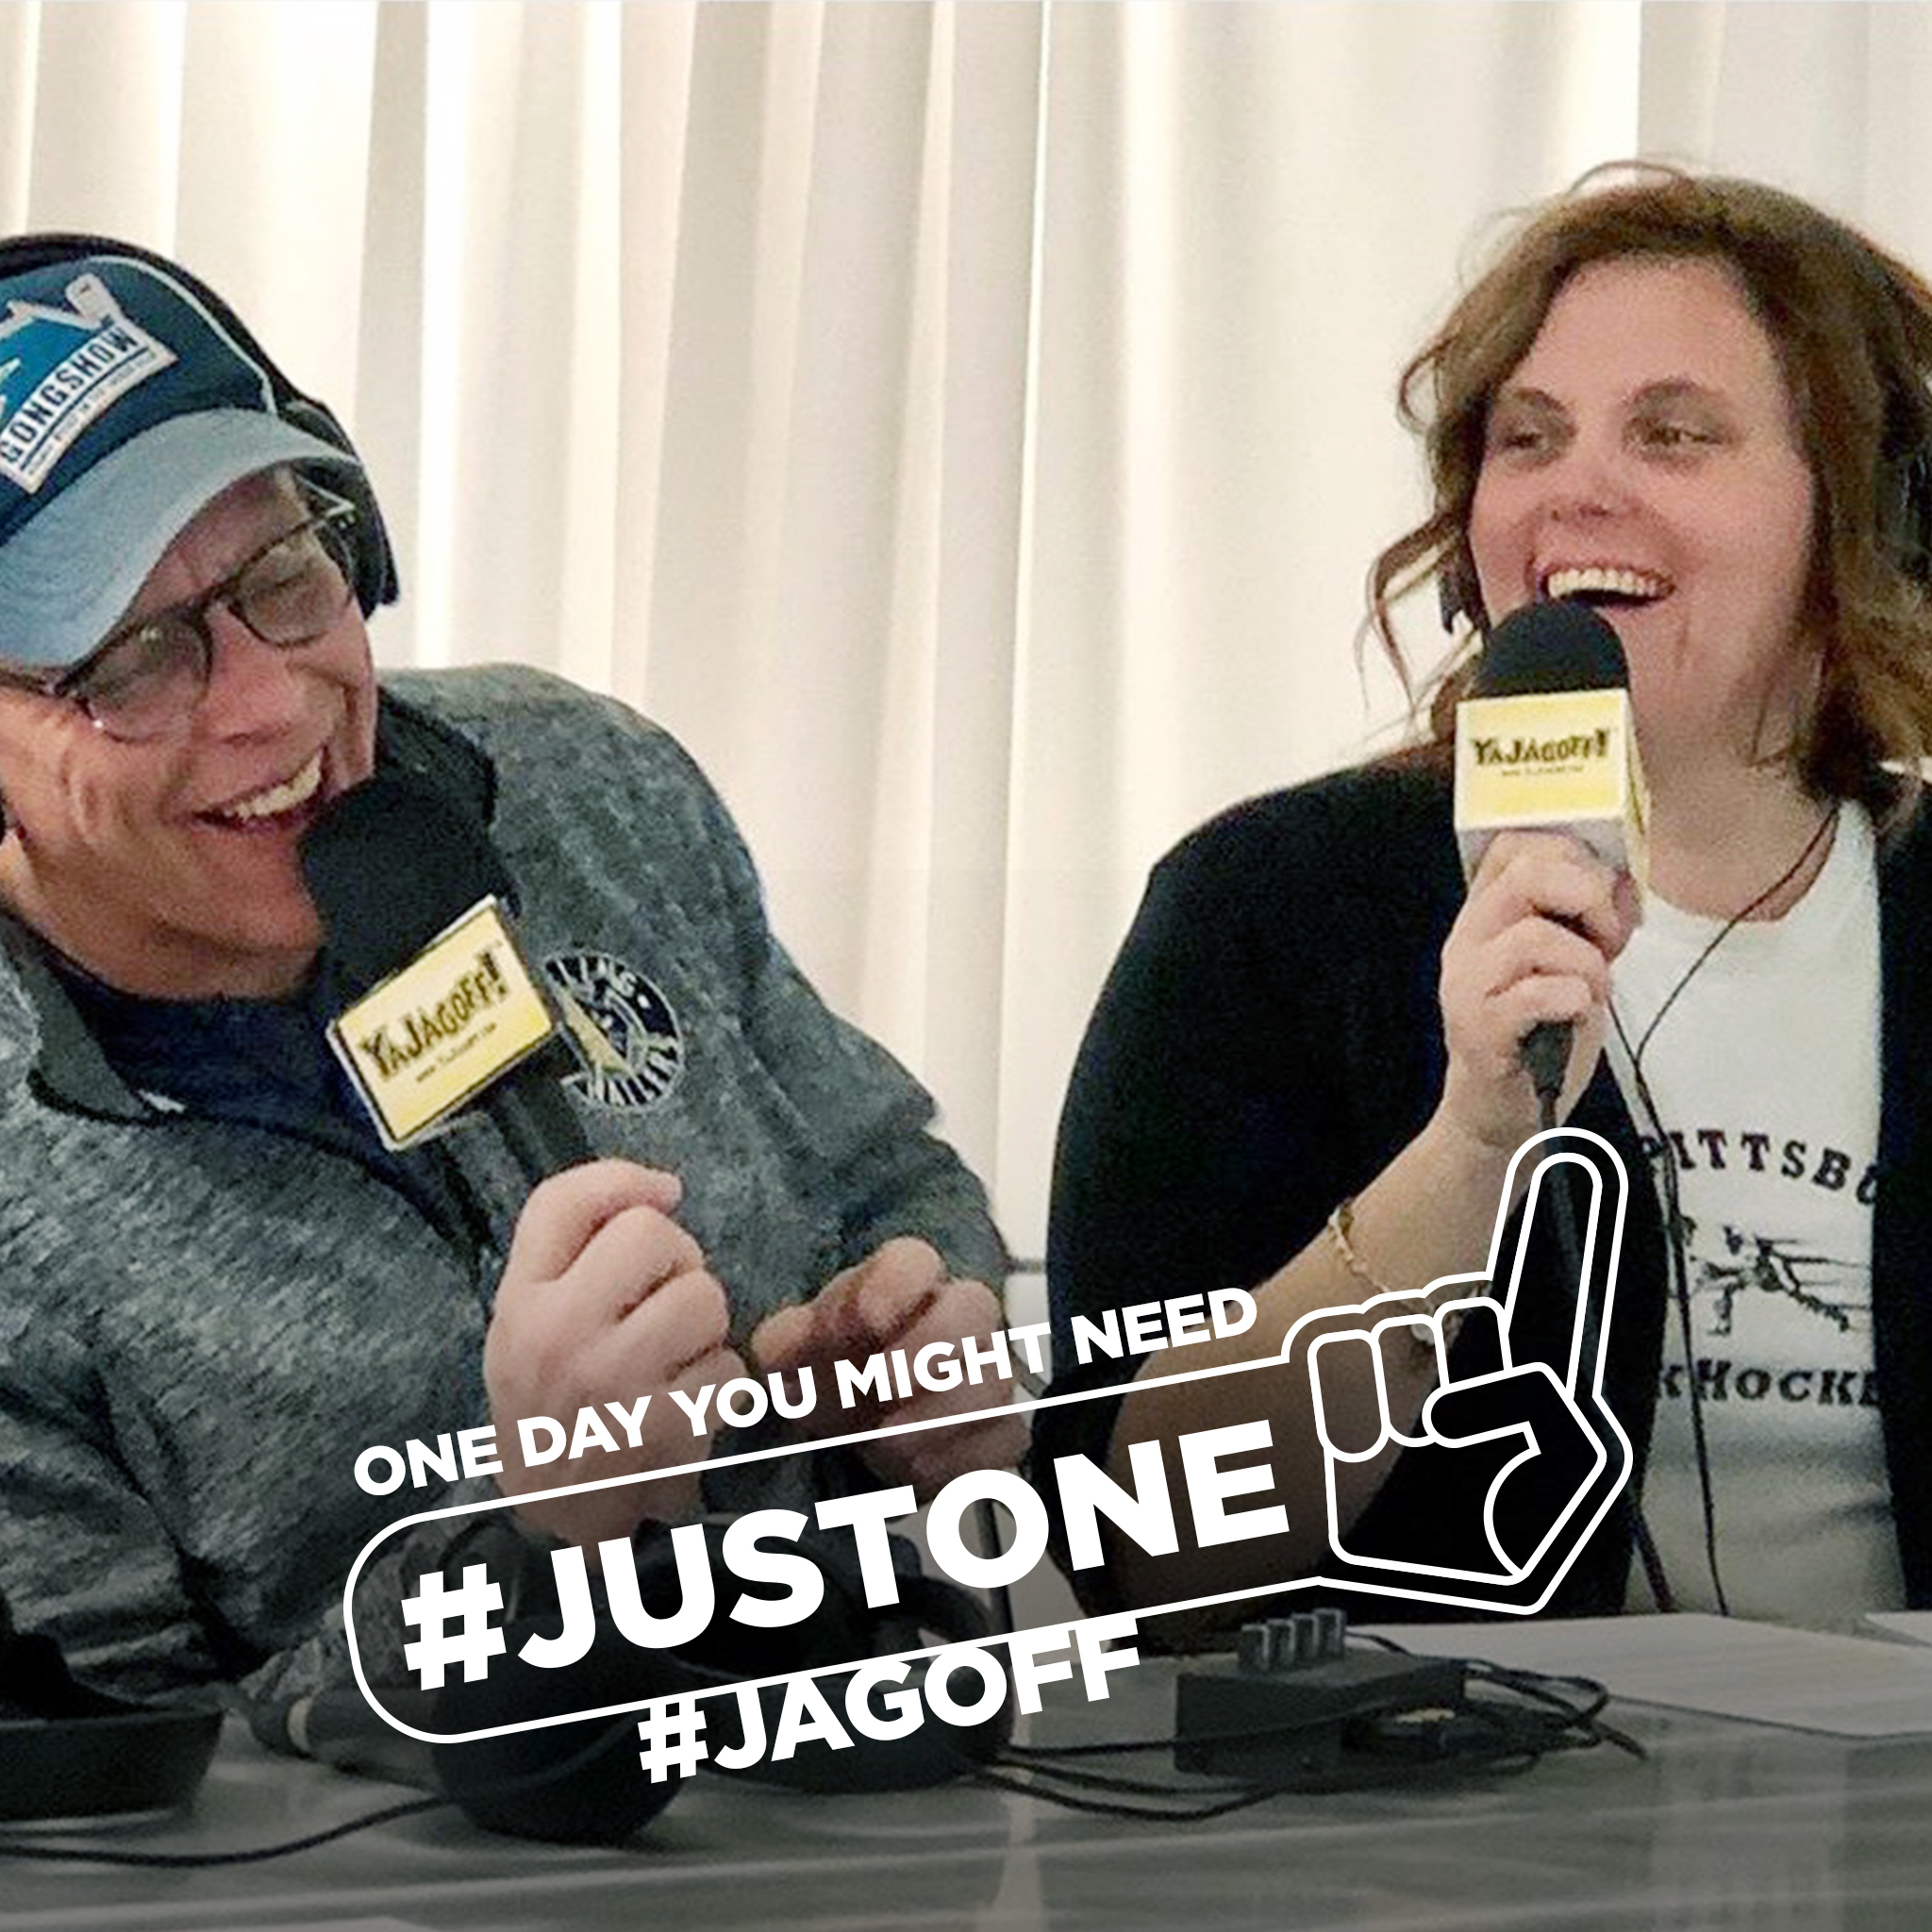 Core #JustOne